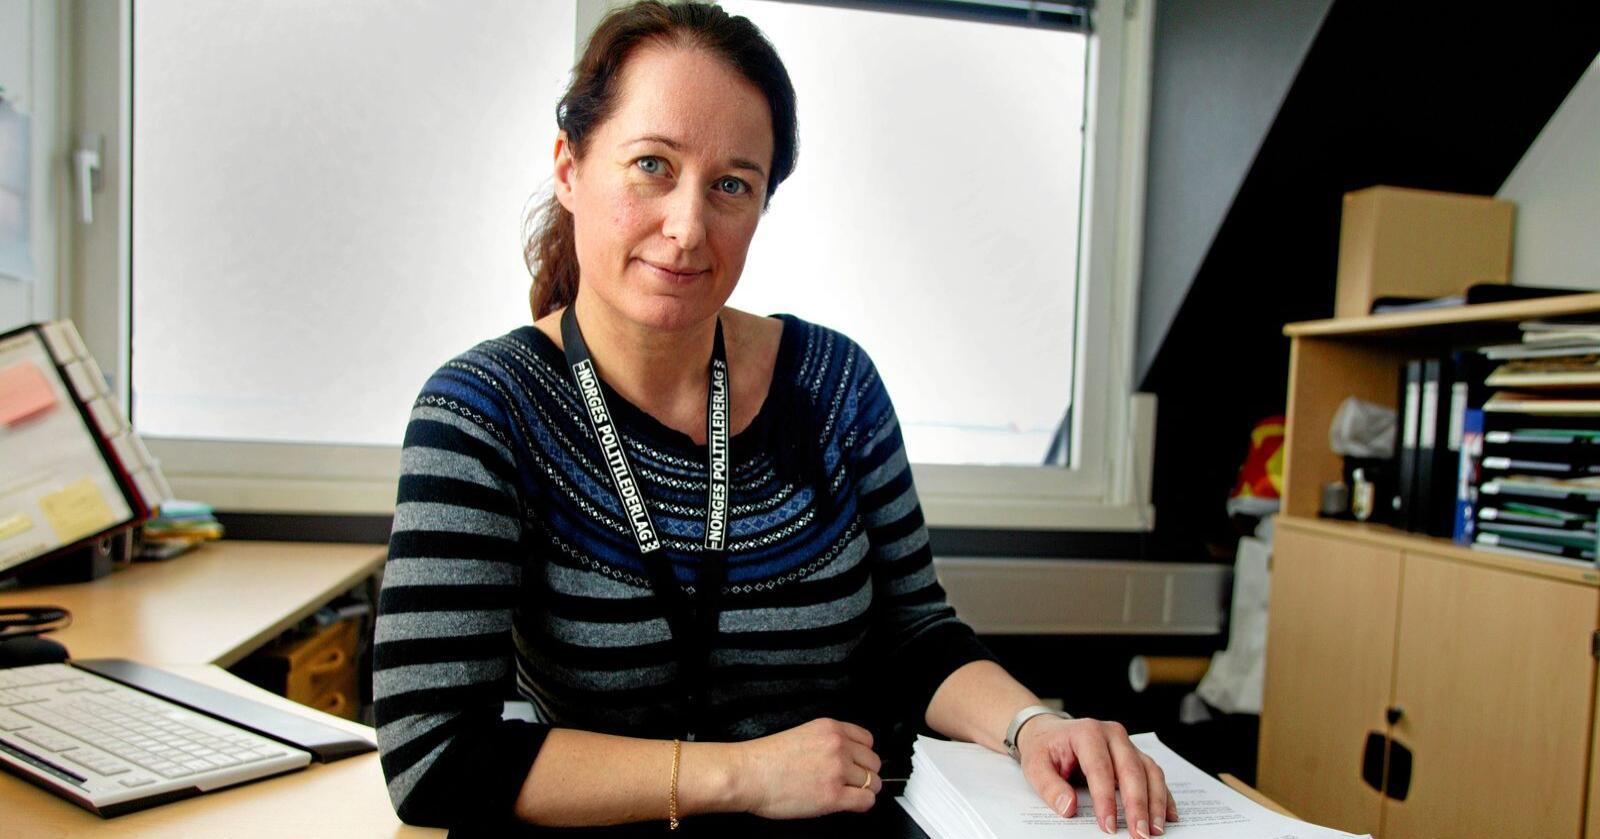 Dyrt: Ferjebillettene i Nordland har økt mye etter nyttår, skriver Hilde Johansen. Foto: Rune Kr. Ellingsen